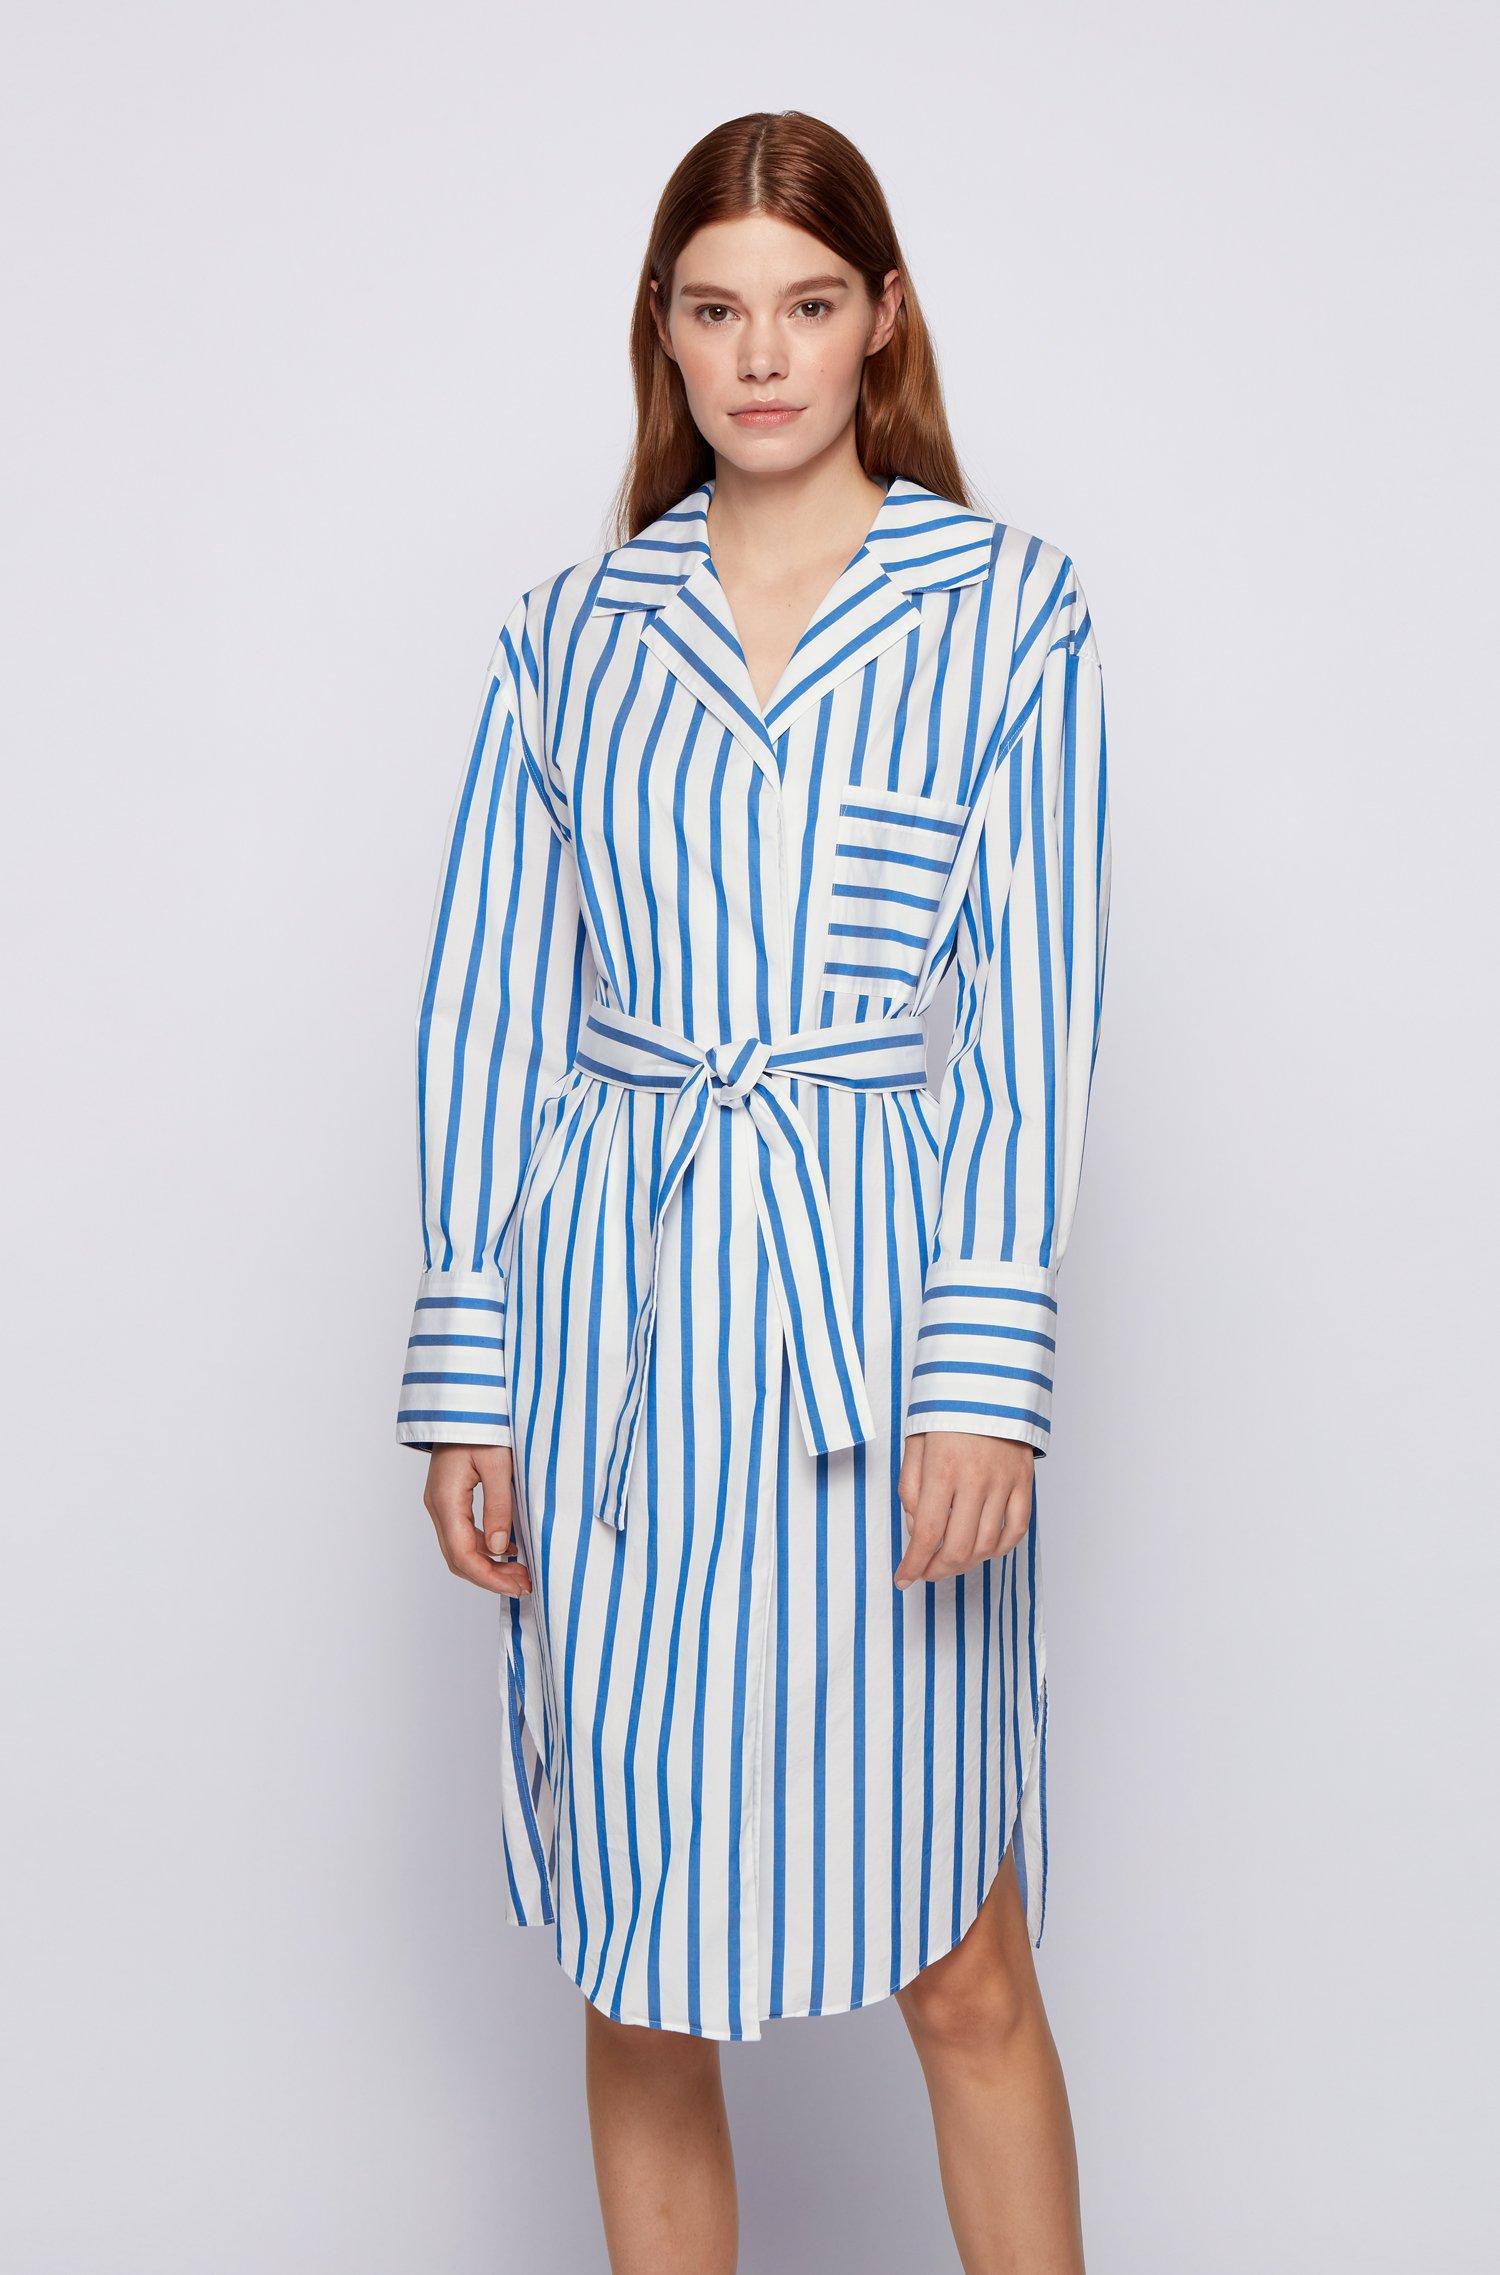 Robe-chemise à rayures en popeline de coton stretch, bleu clair